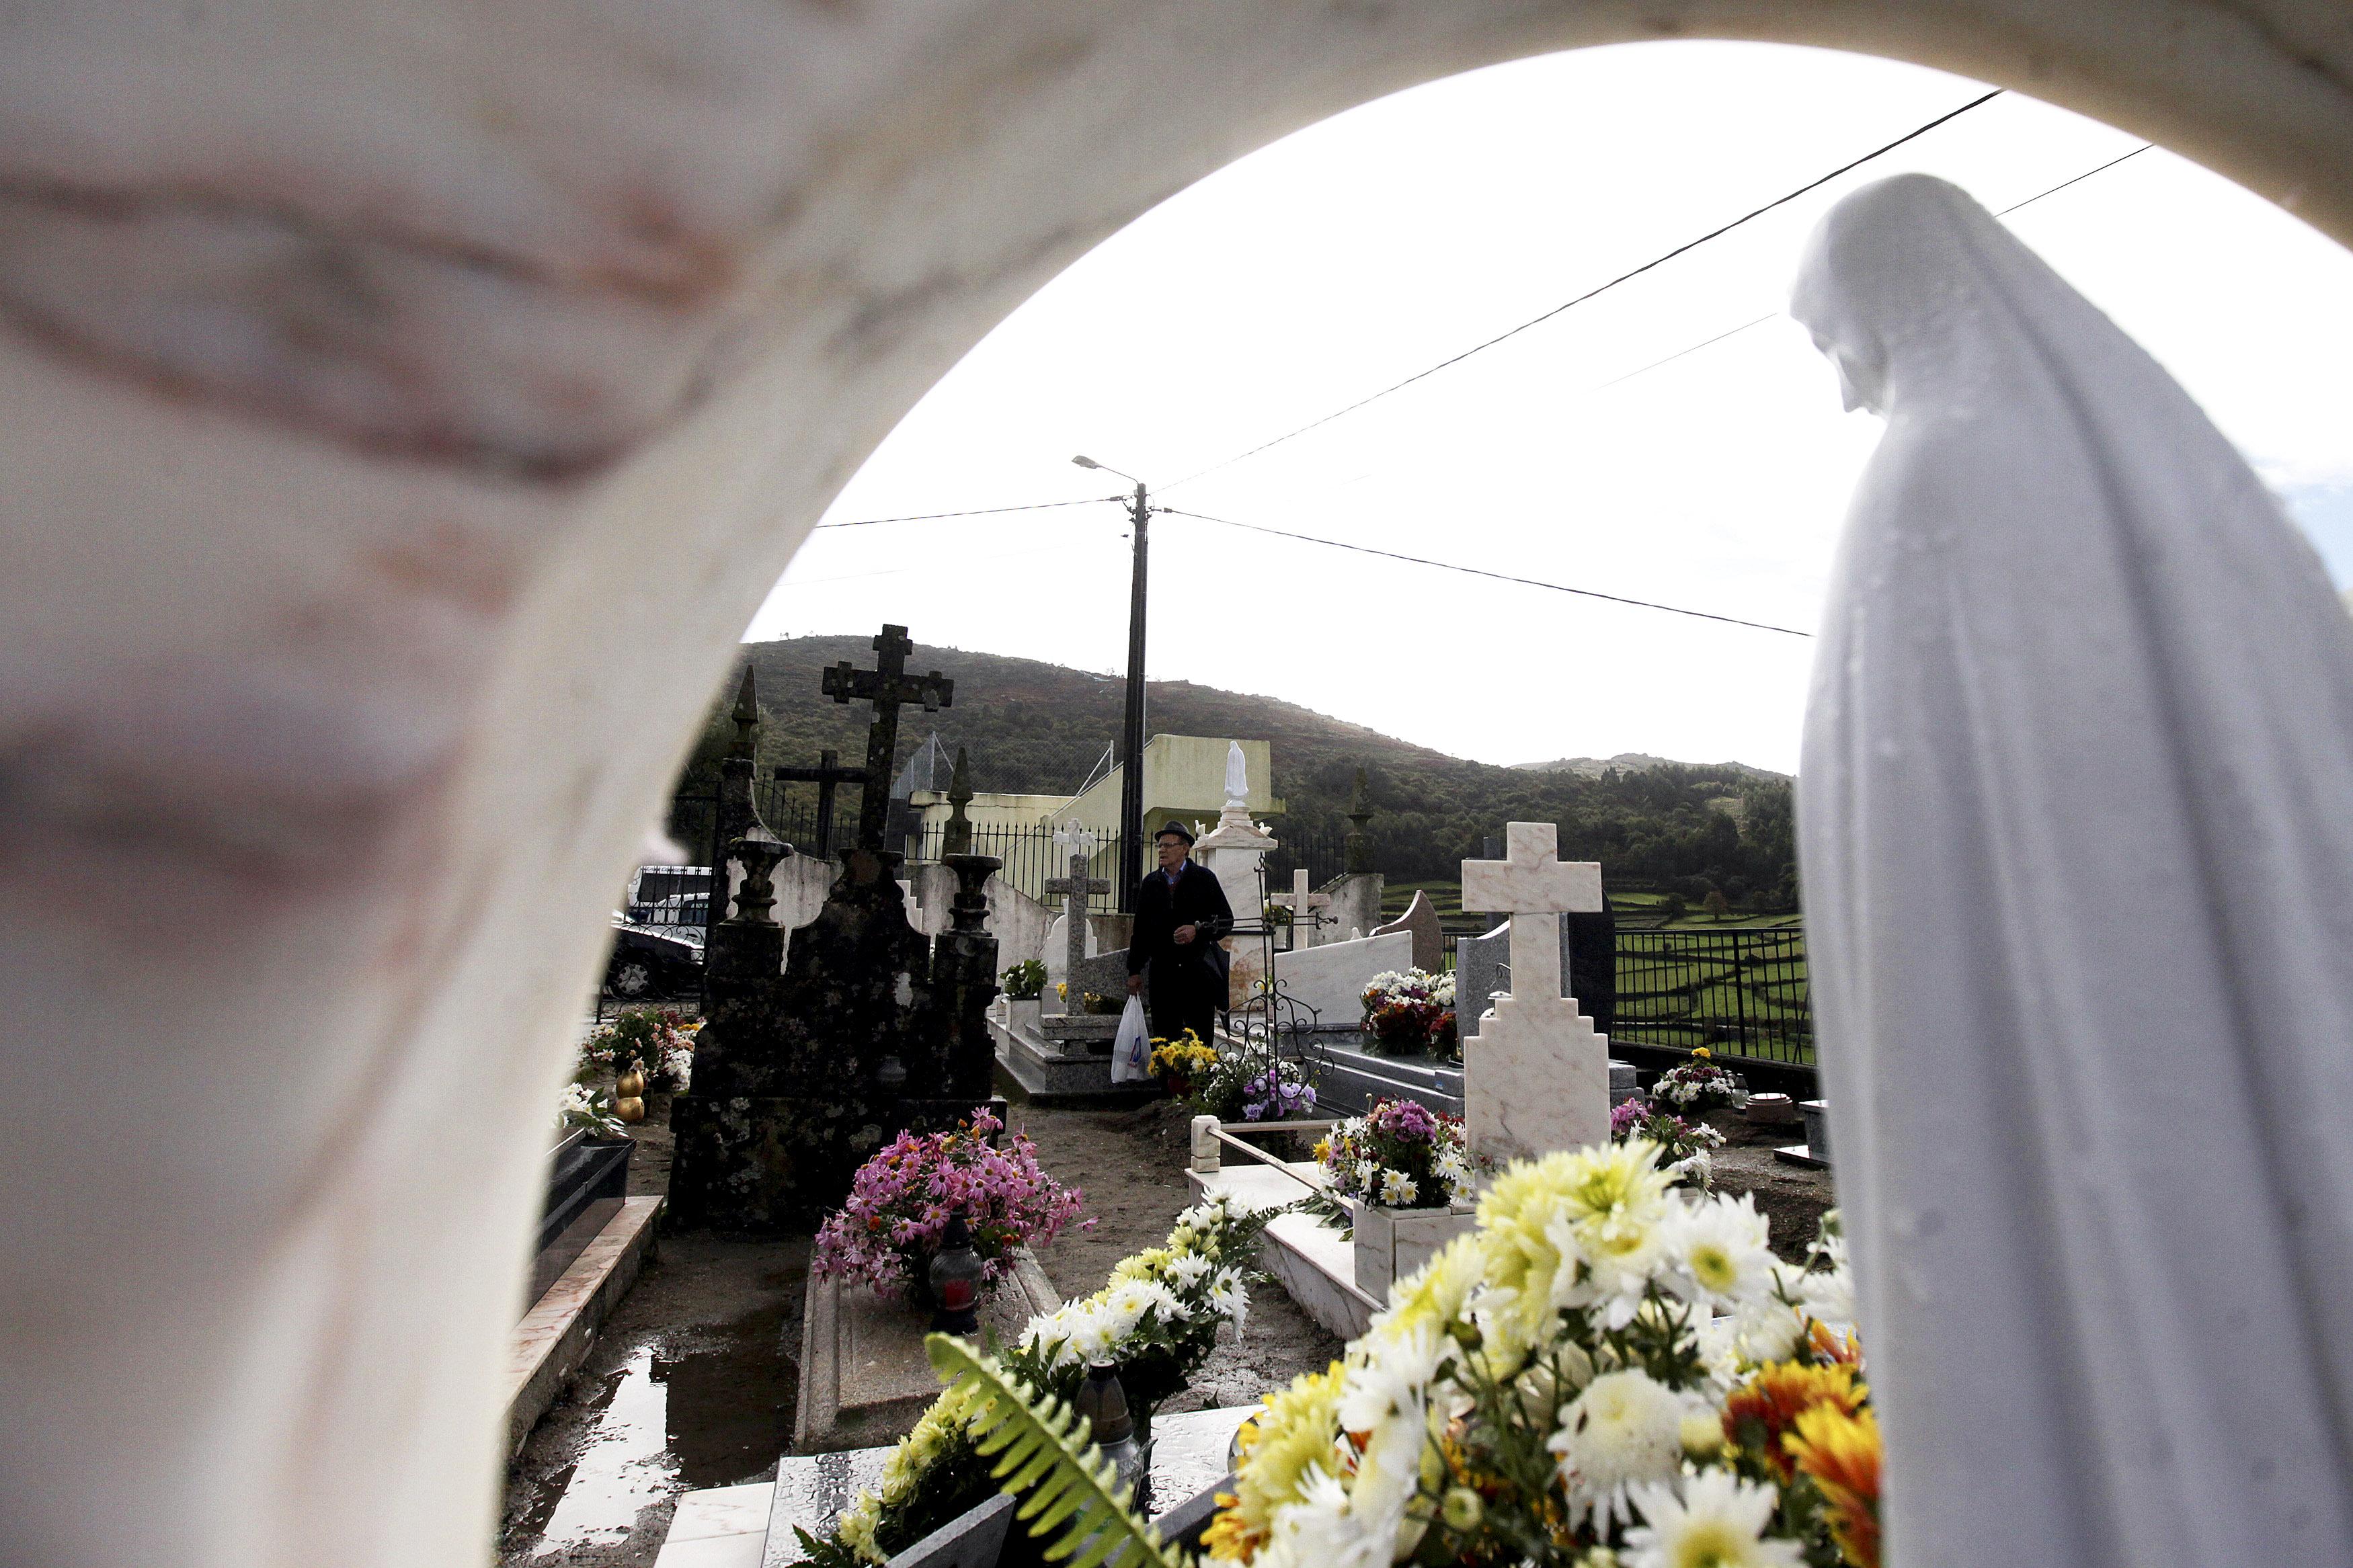 São João da Madeira distribui mais de 10.000 flores e 2.000 velas por três cemitérios para assegurar rituais